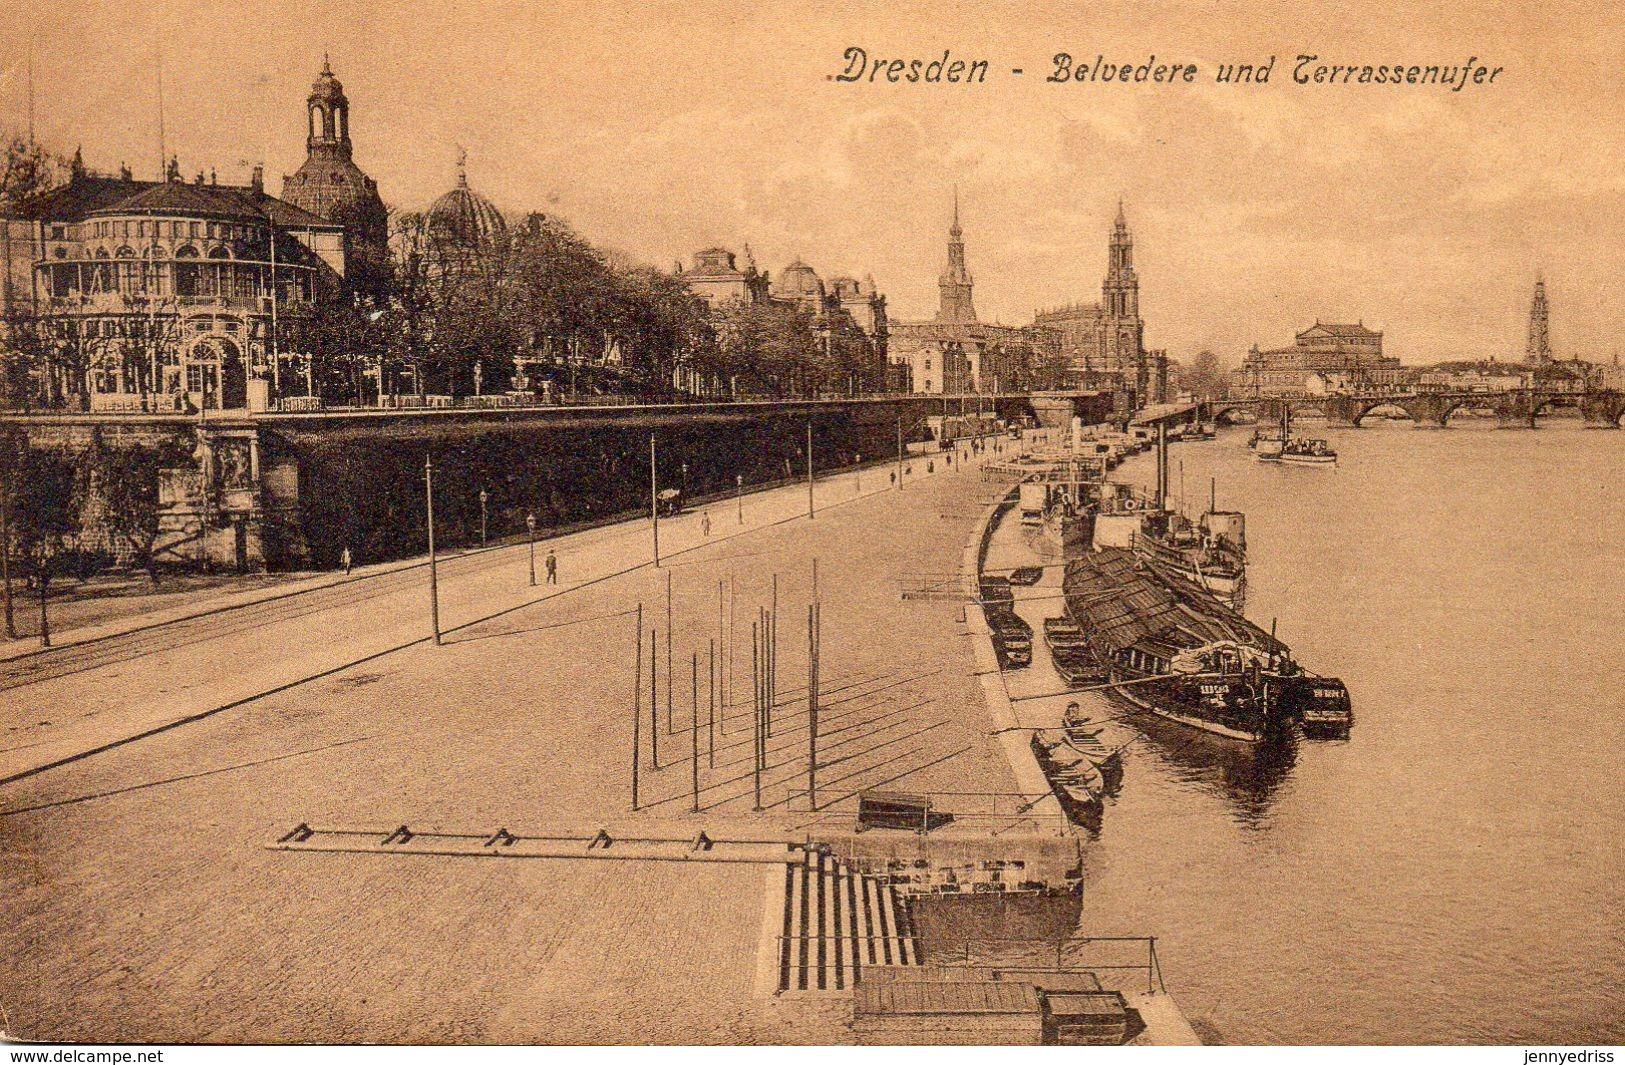 DRESDEN - Dresden